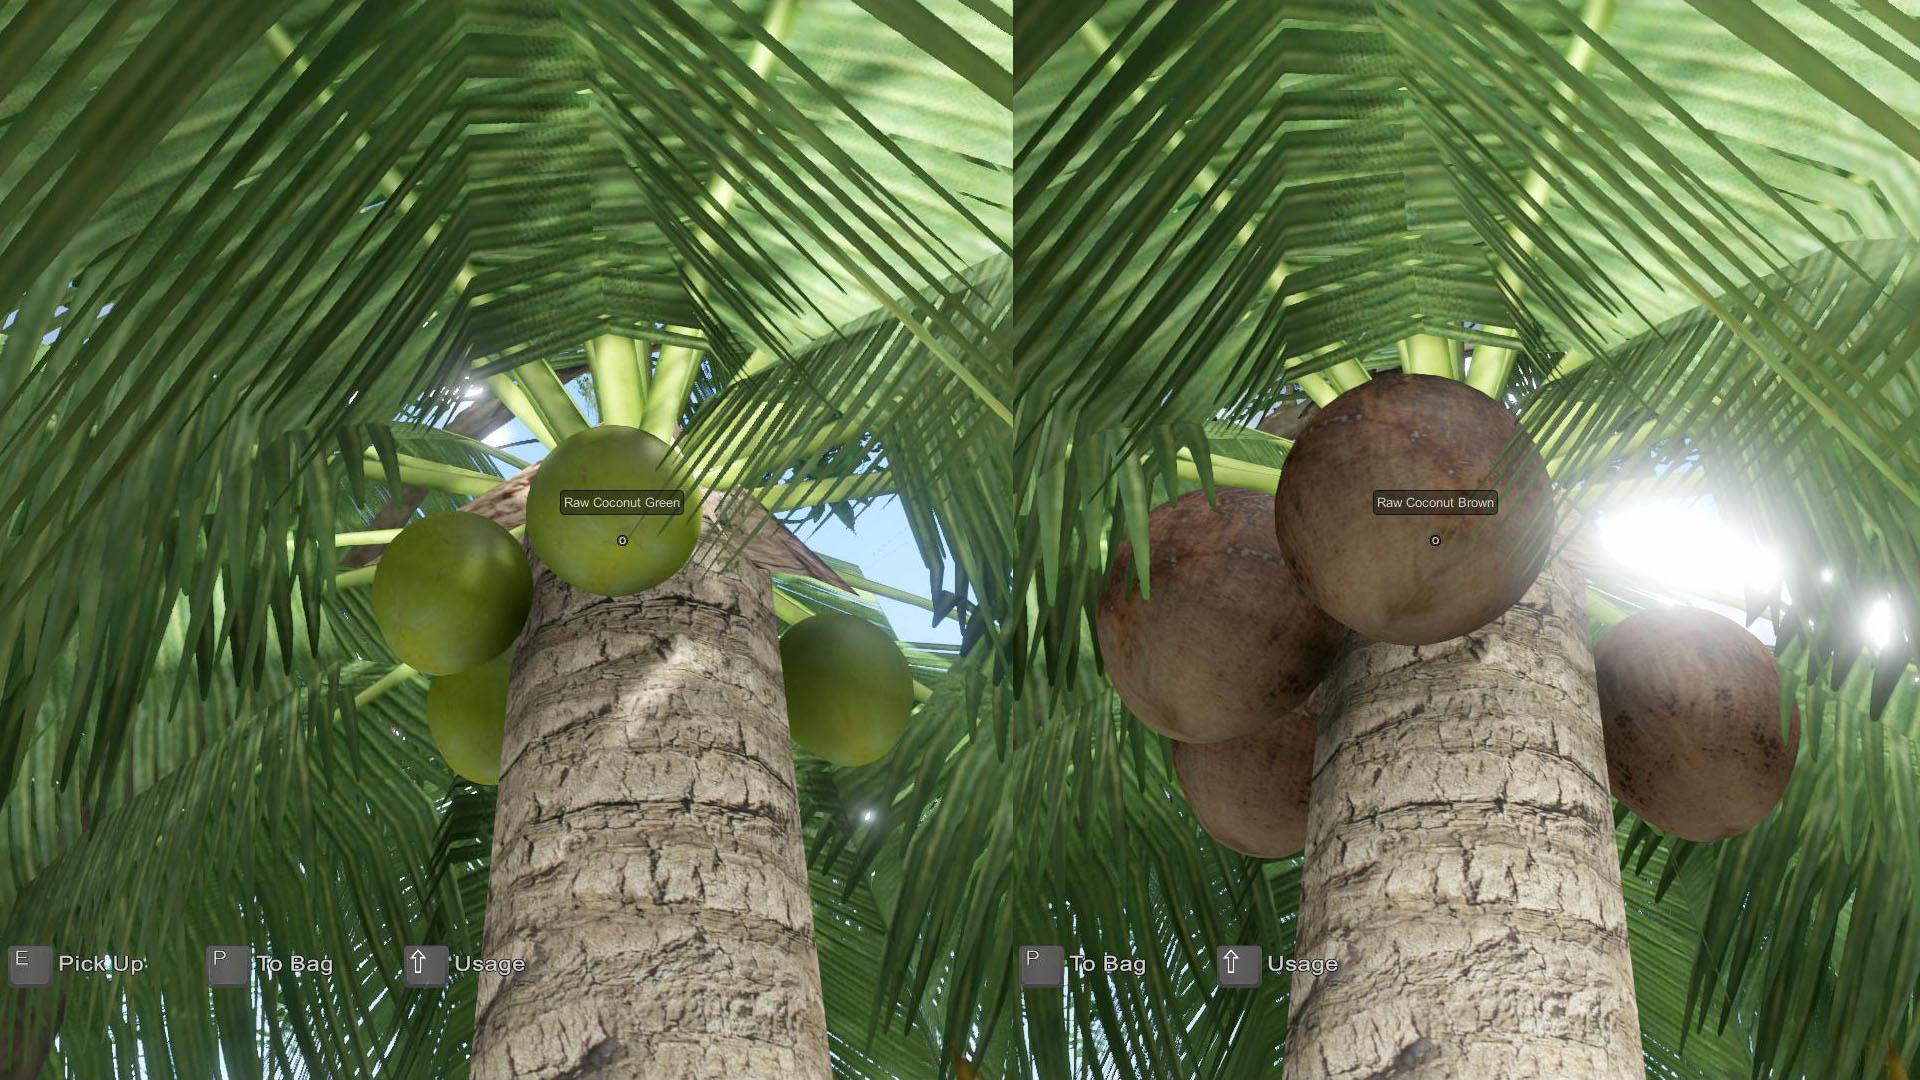 EtP-Ripe-Coconut2